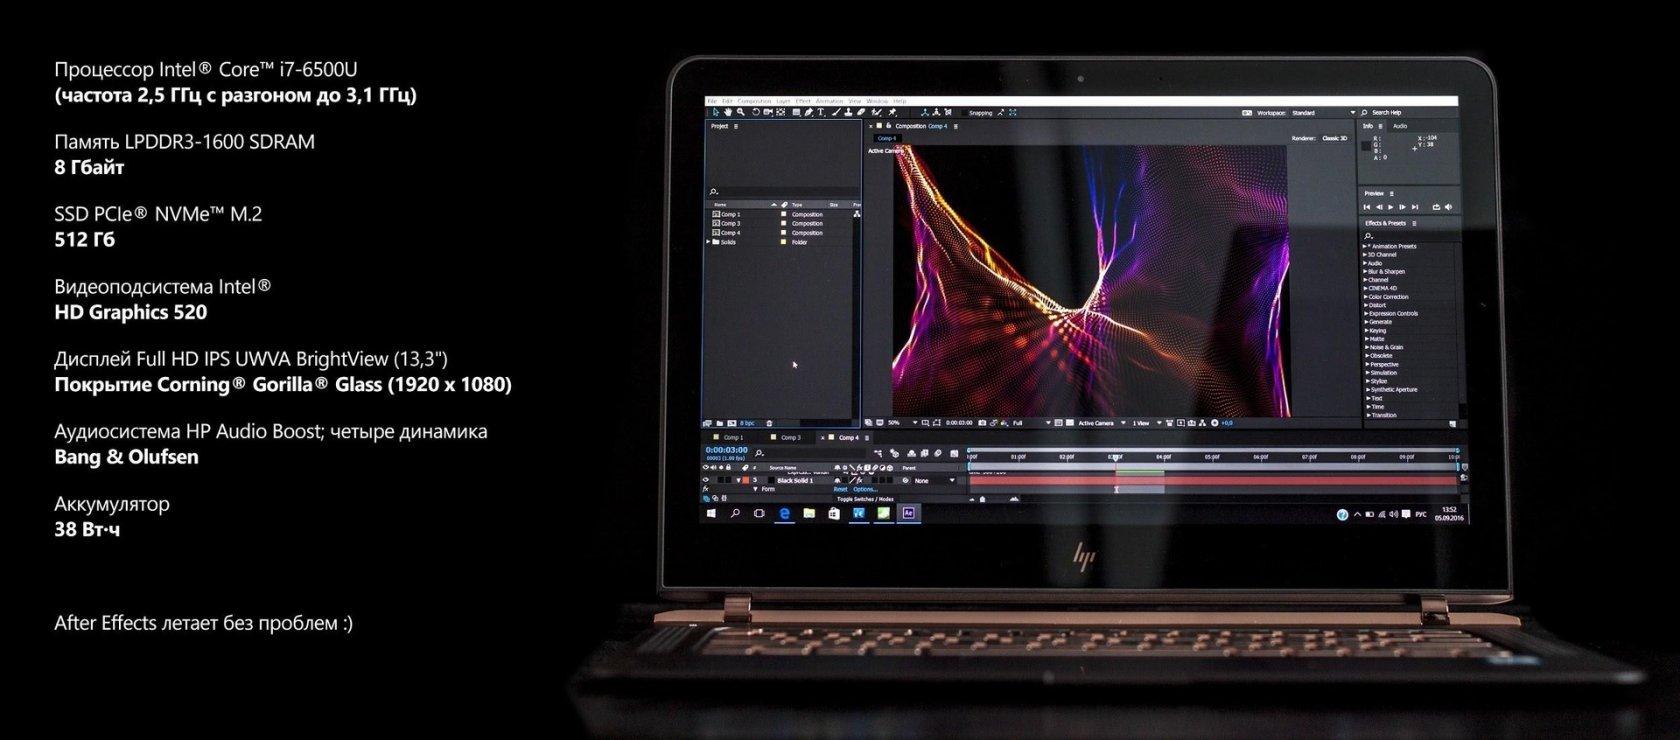 Технологии и дизайн в одном устройстве. Ноутбук HP Spectre 13 - 27